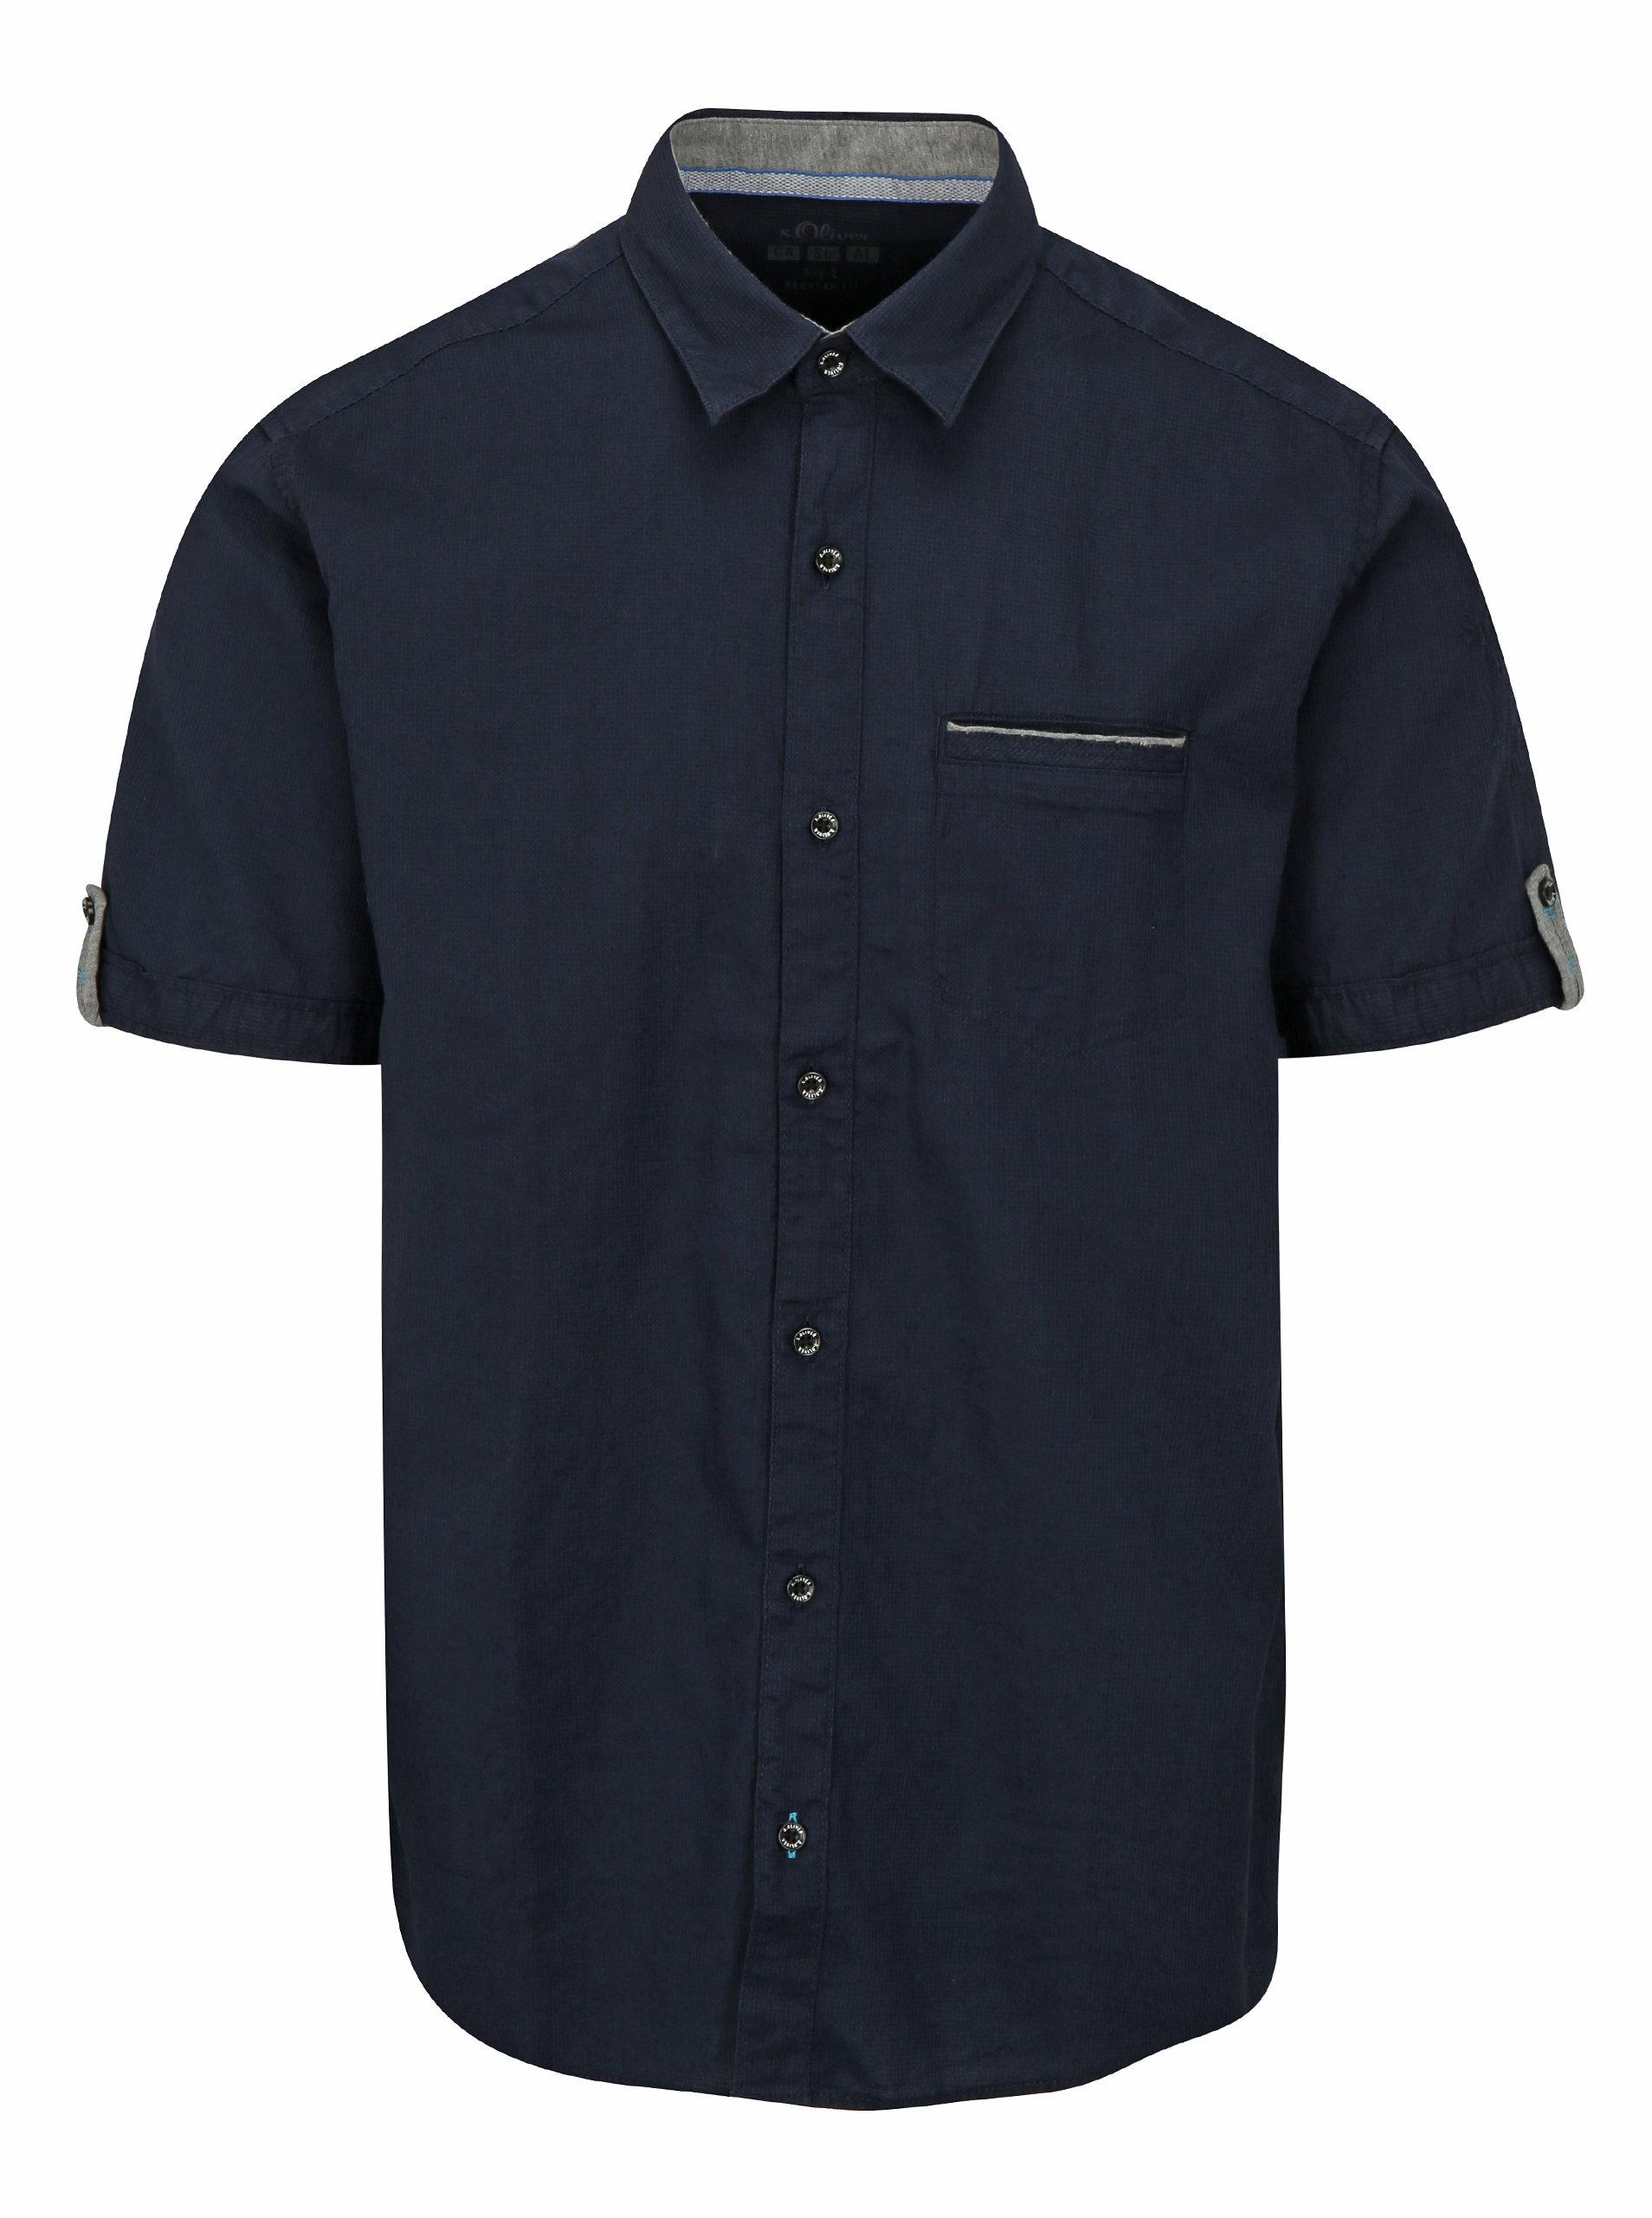 f1bfb2a6bd56 Tmavomodrá pánska regular fit košeľa s.Oliver